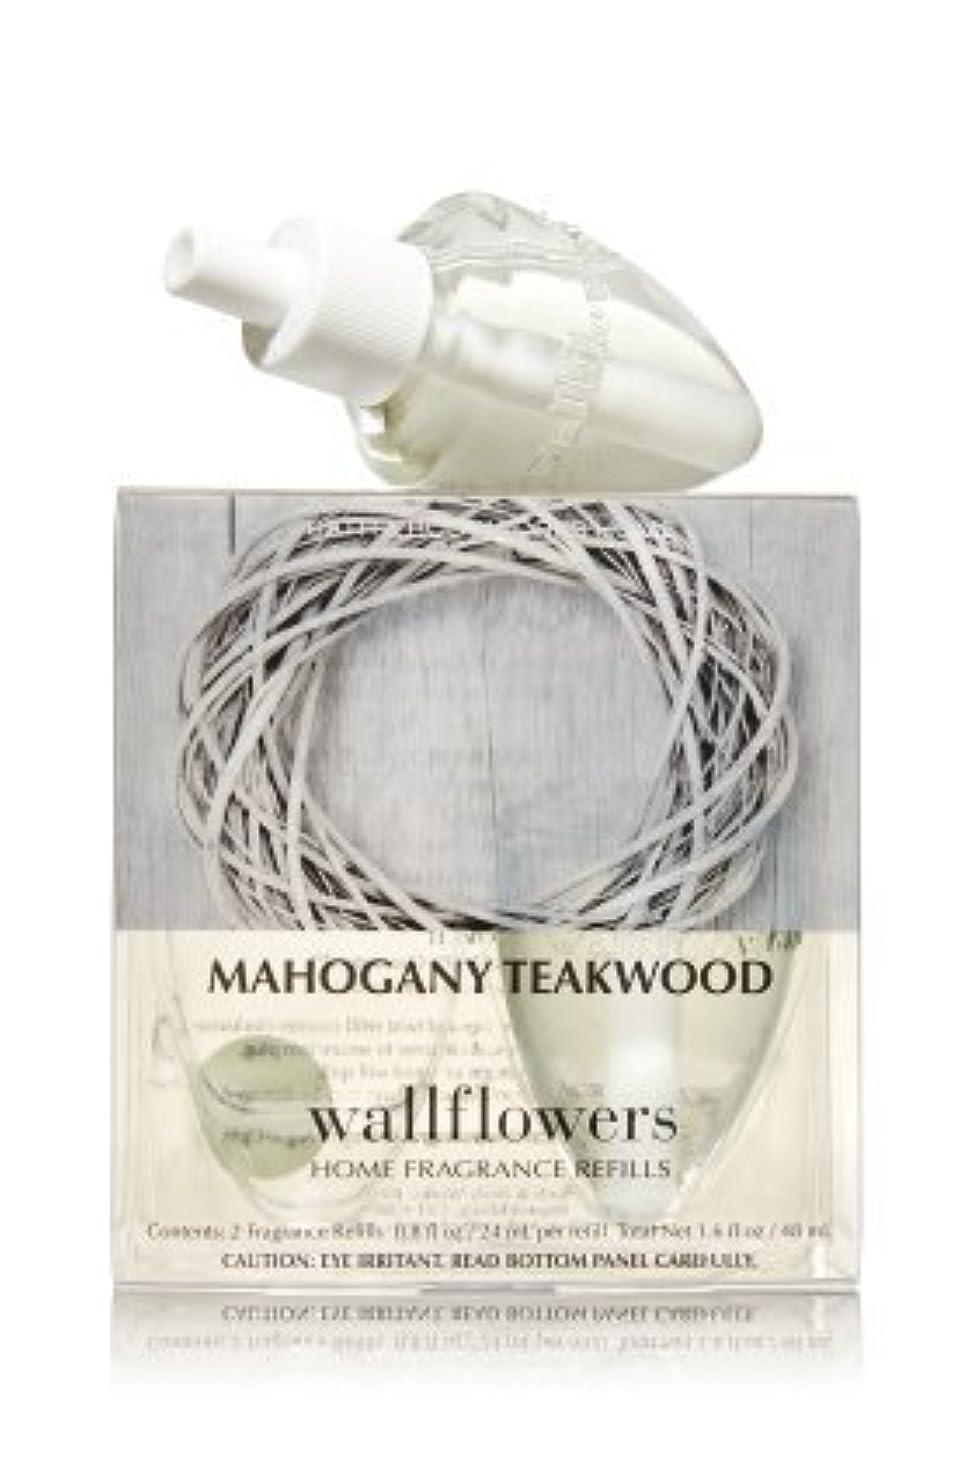 消えるホイットニー牽引【Bath&Body Works/バス&ボディワークス】 ルームフレグランス 詰替えリフィル(2個入り) マホガニーティークウッド Wallflowers Home Fragrance 2-Pack Refills Mahogany Teakwood [並行輸入品]